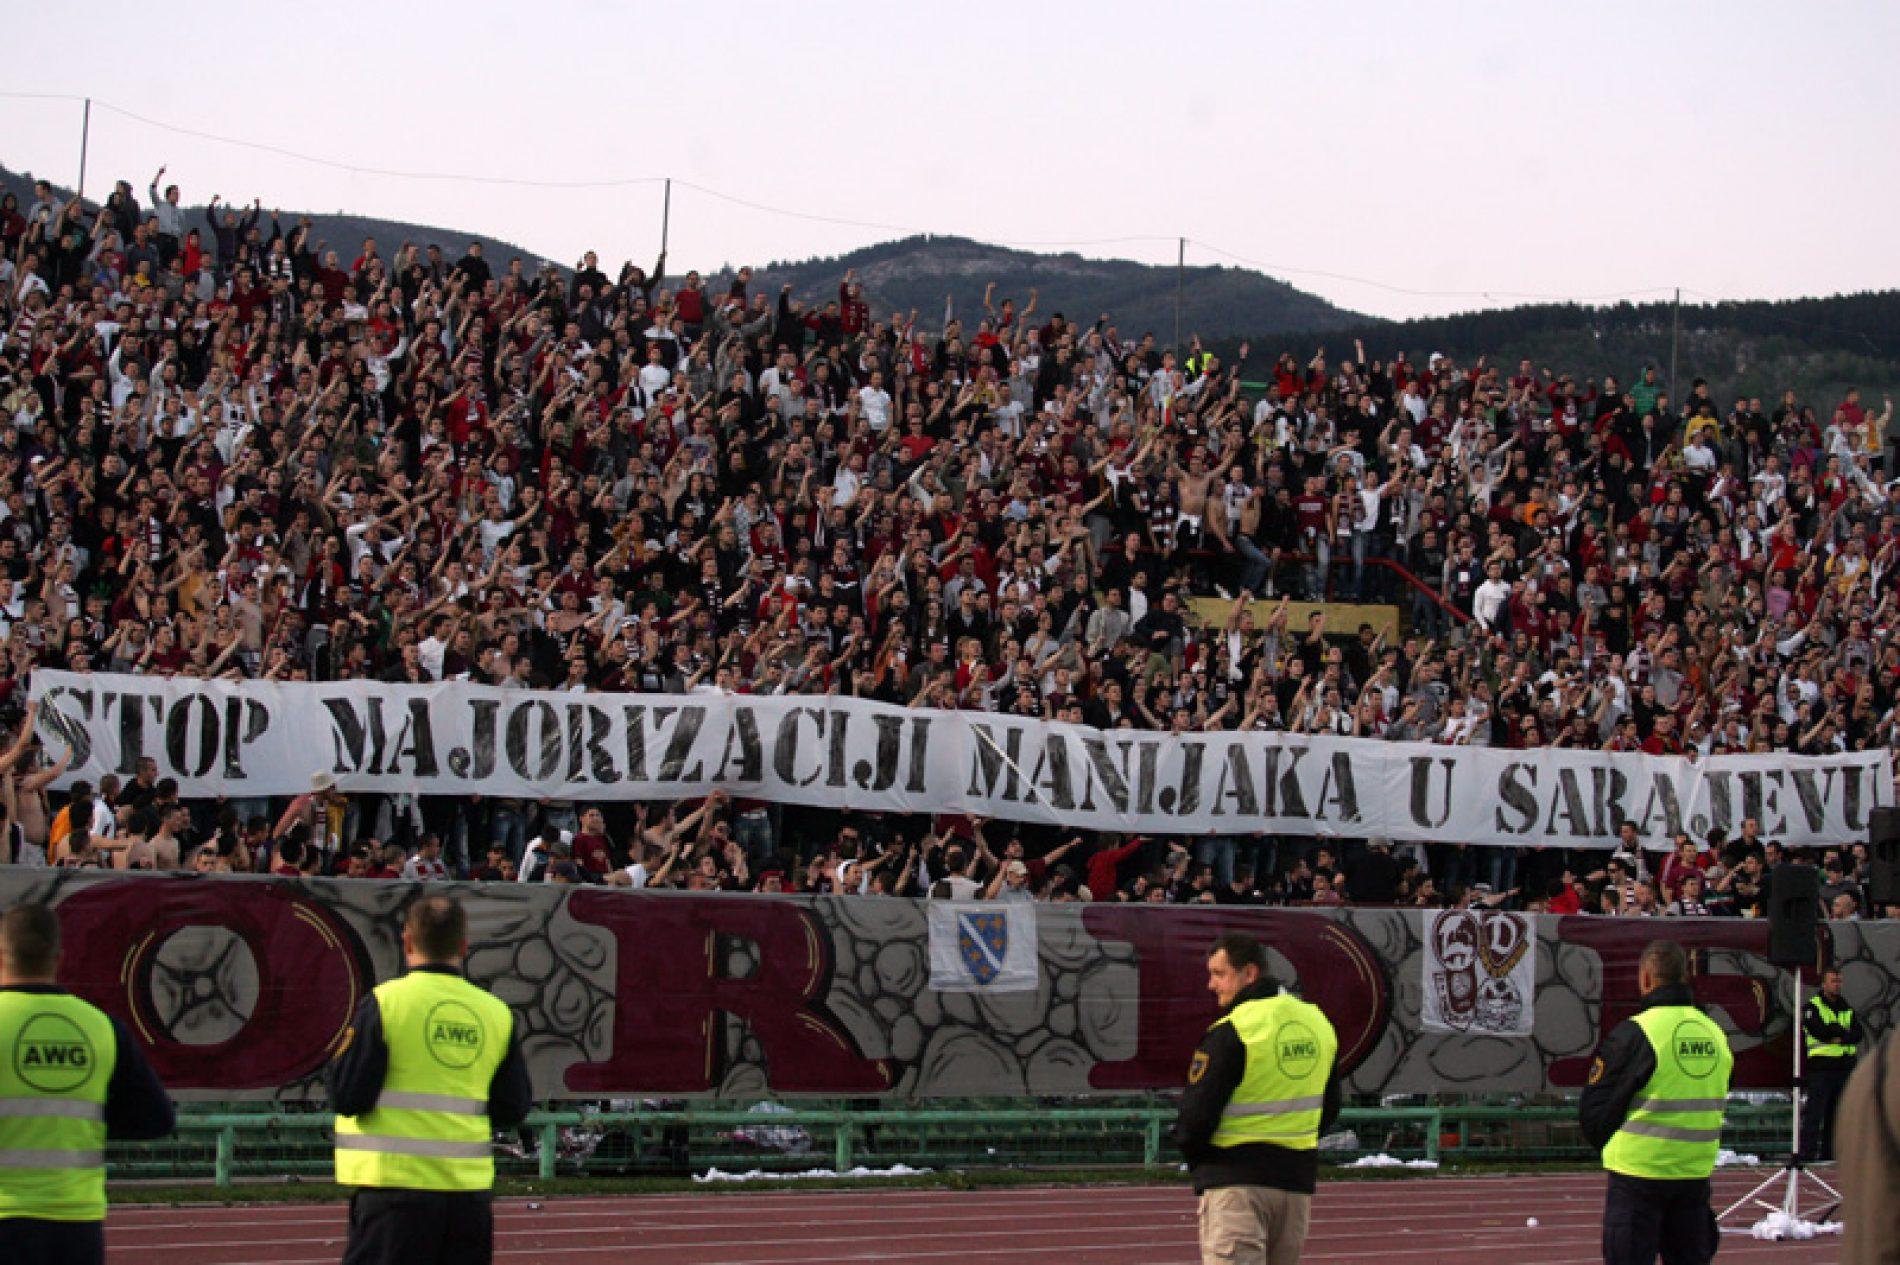 U subotu 117. sarajevski derbi: Iz oba tabora pozivaju navijače da dođu i uživaju u fudbalu